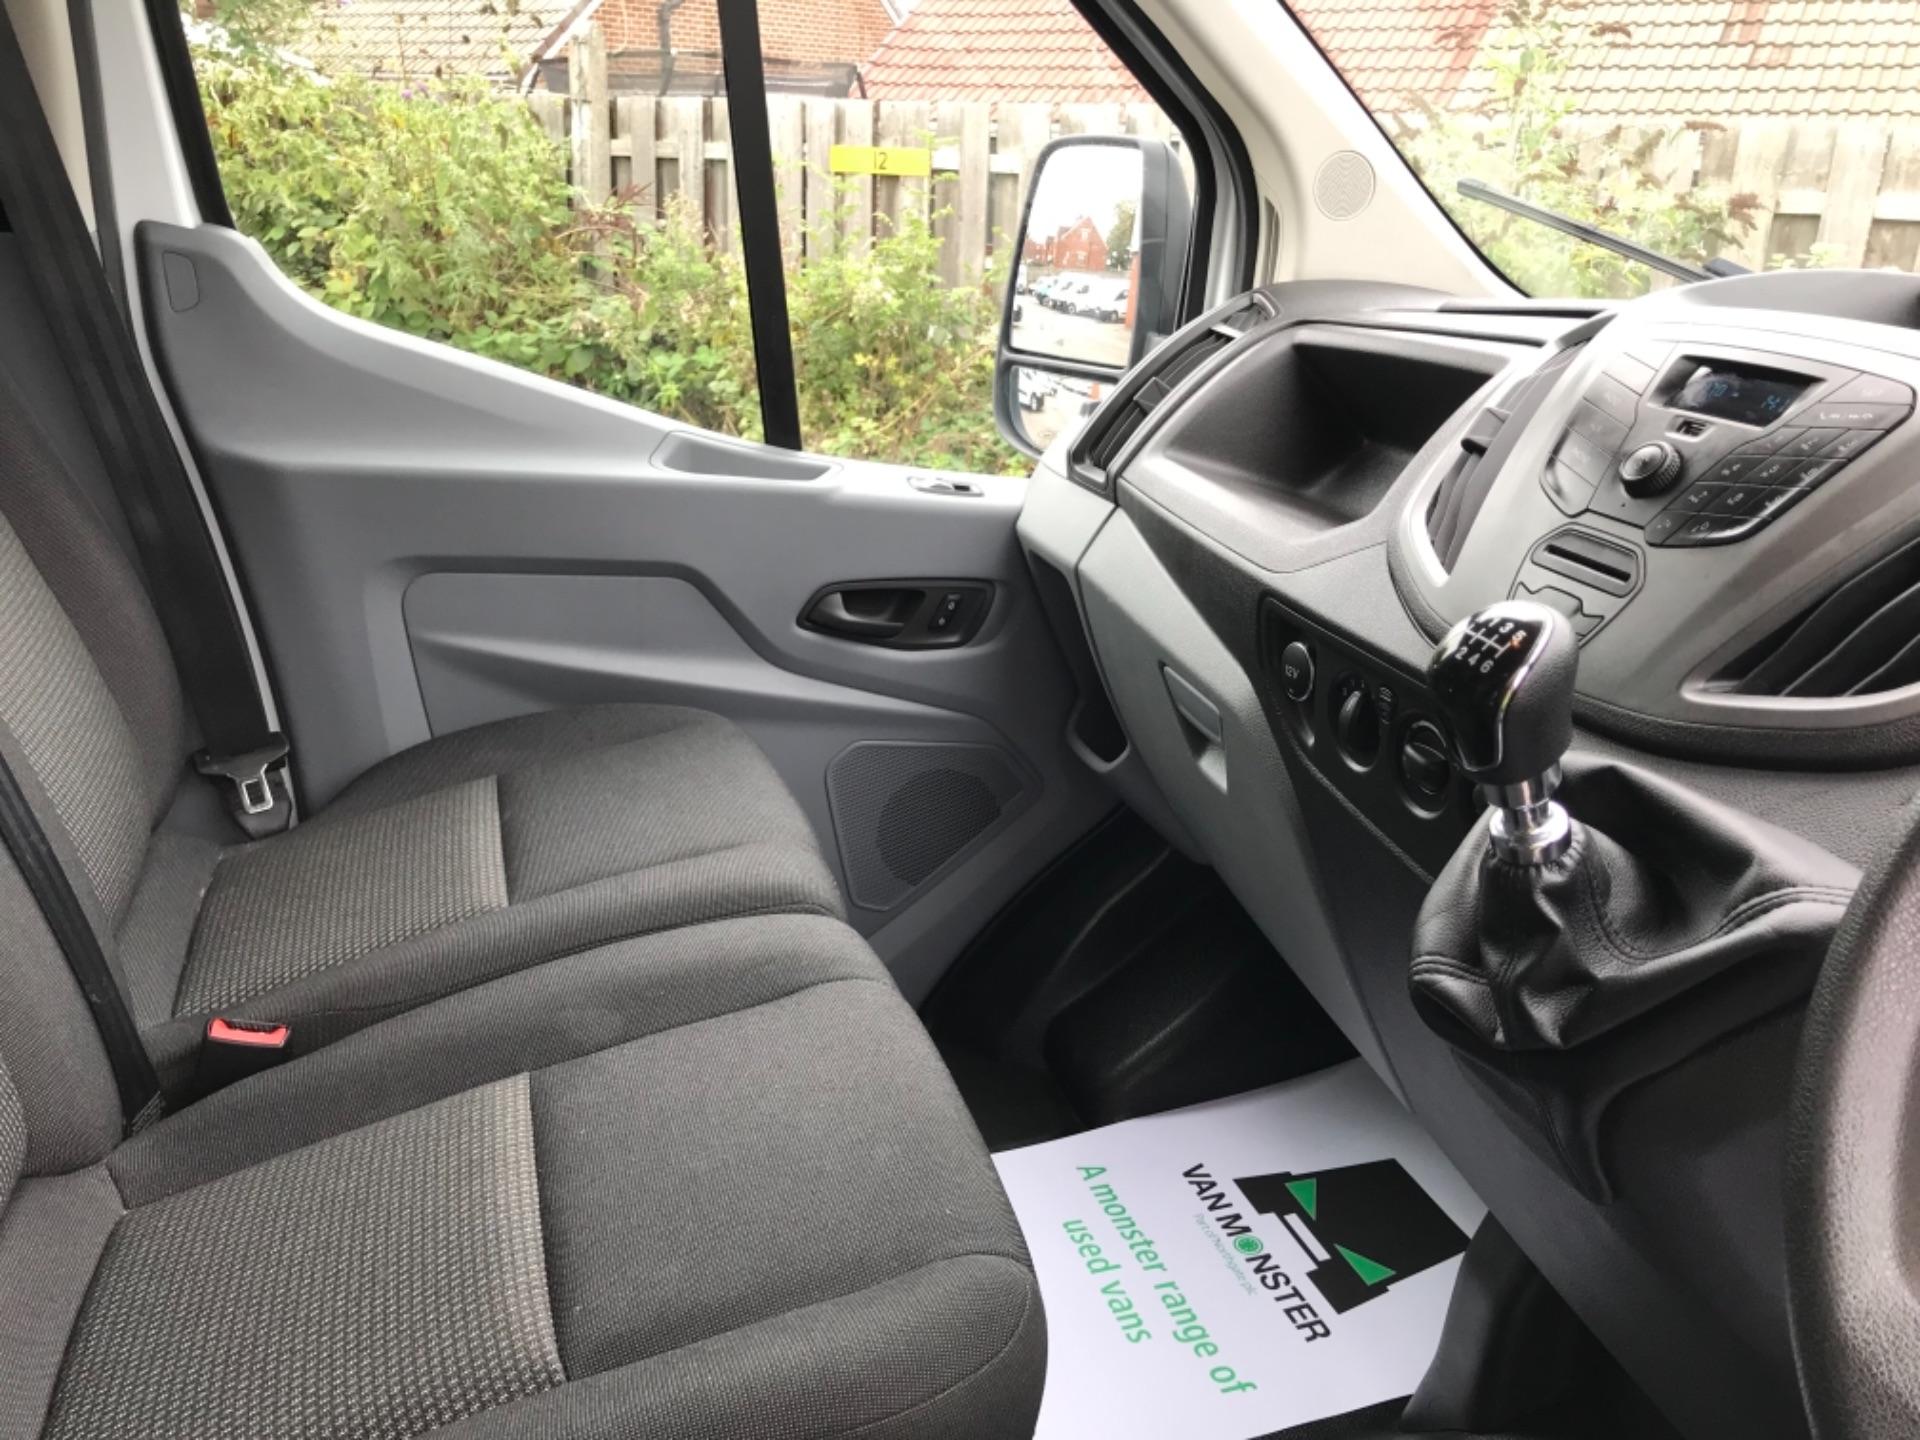 2017 Ford Transit 2.0 Tdci 130Ps H3 Van L3 H3 VAN 130PS EURO 6 (FN67ZVU) Image 10